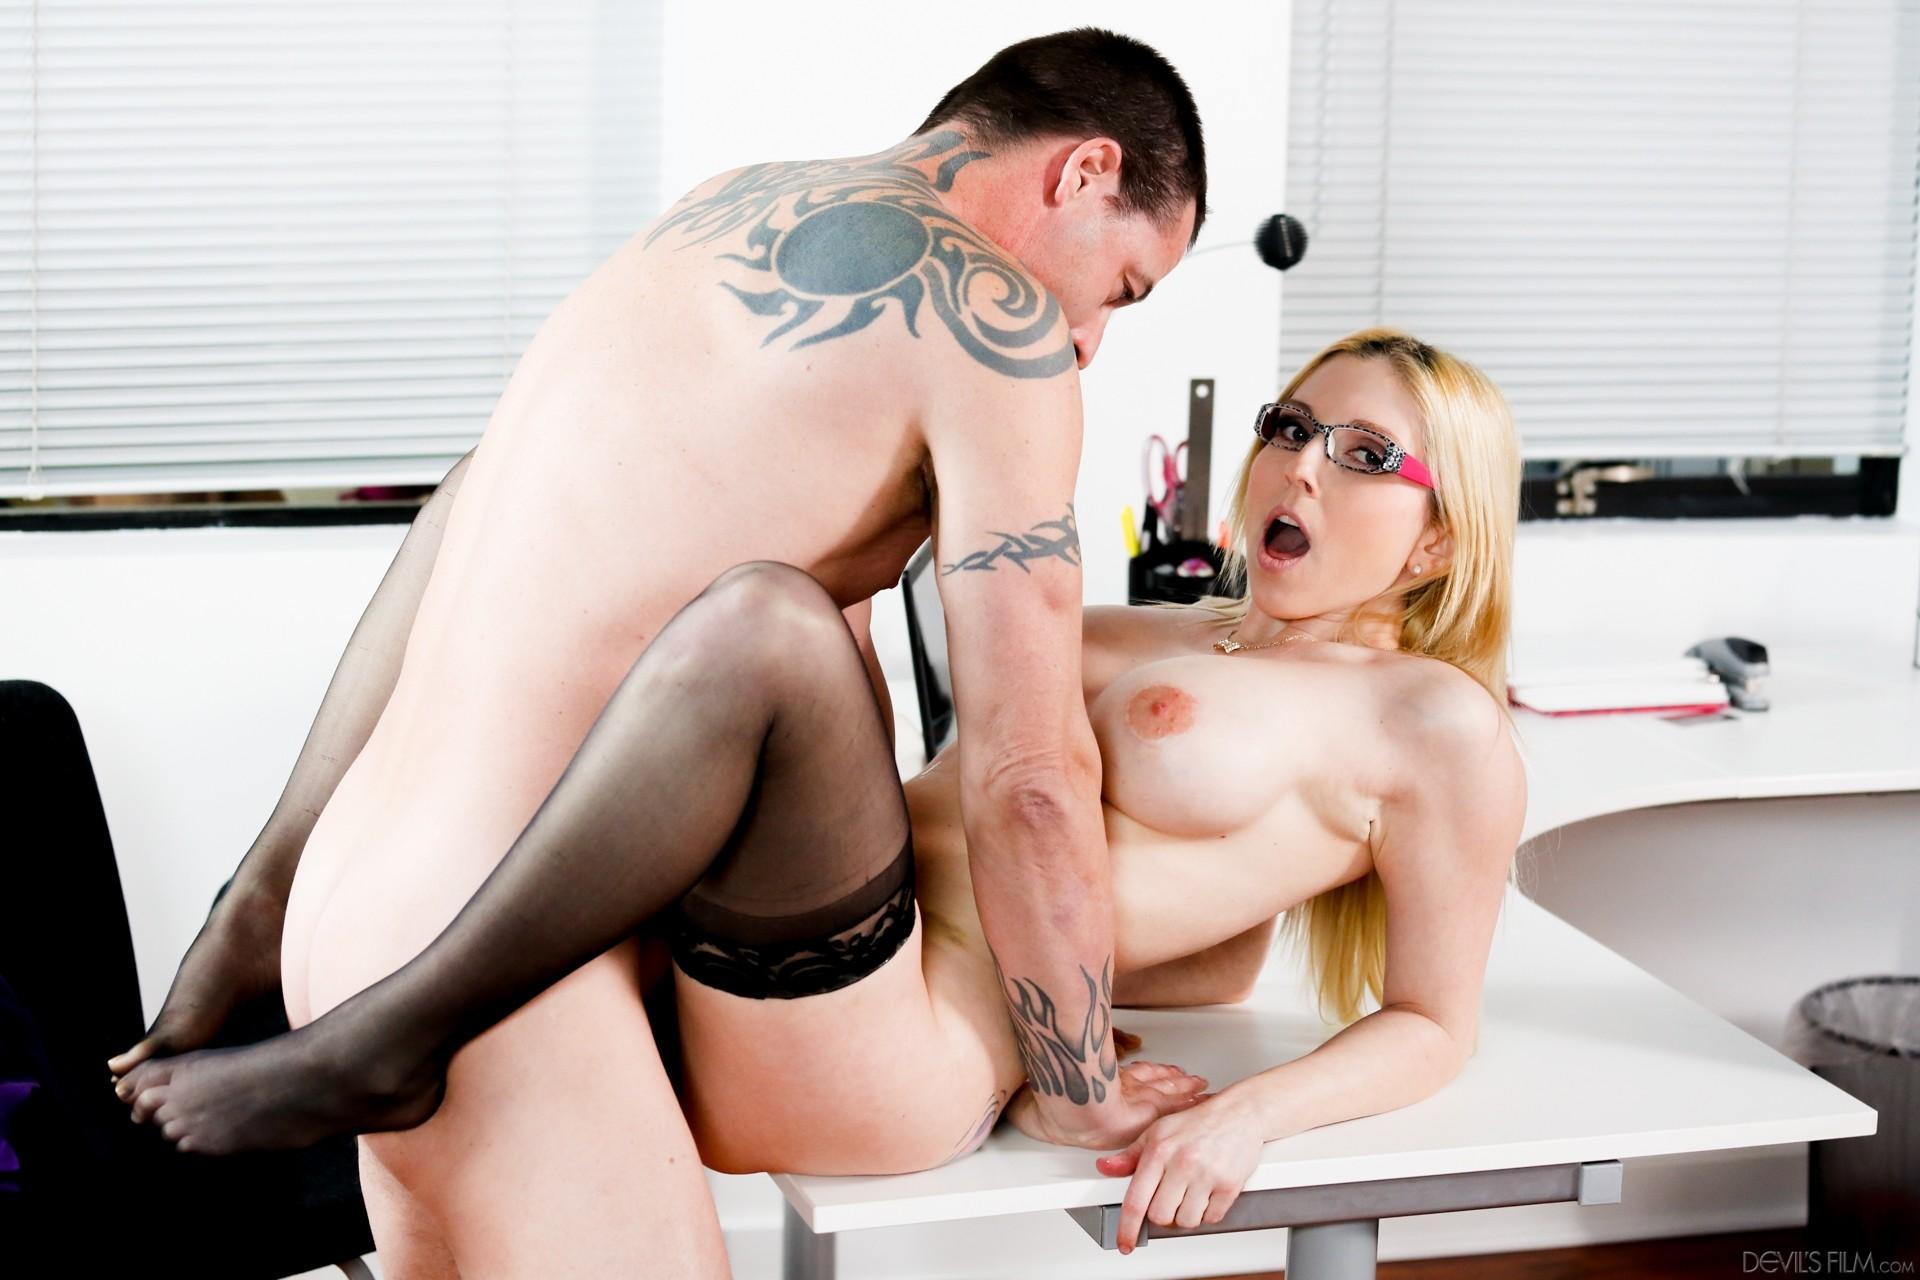 Models With Big Tits Want Sex